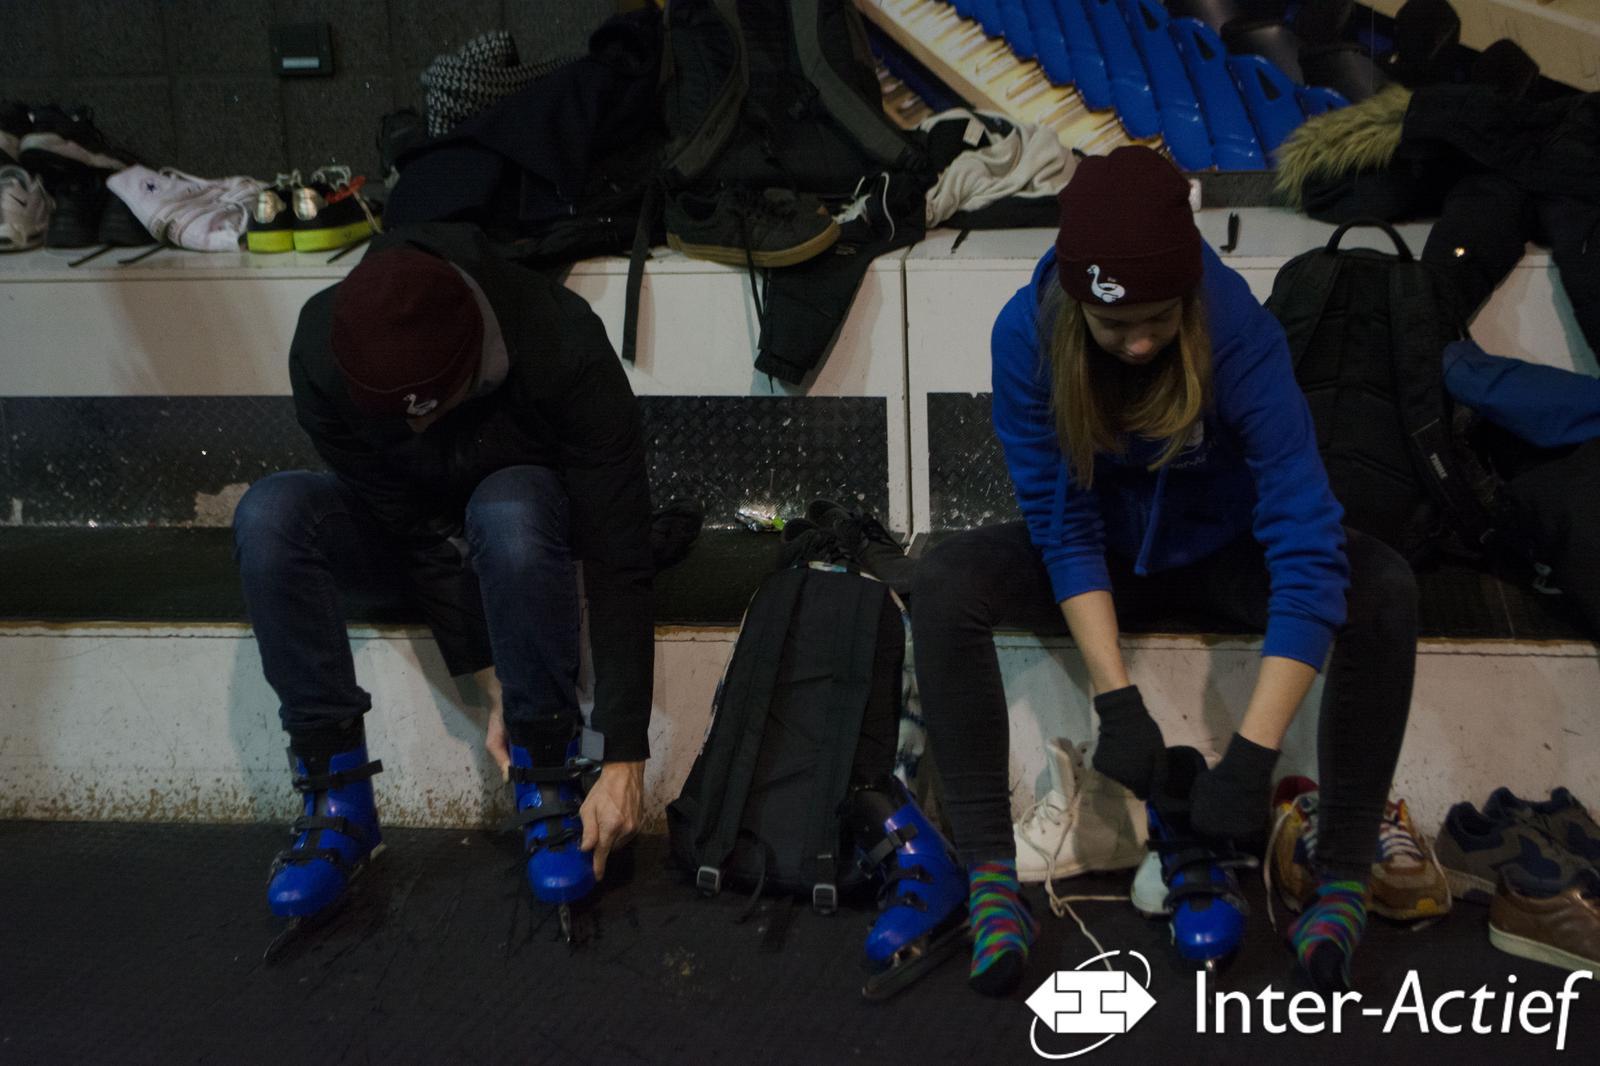 IceSkating20200116_NielsdeGroot-15.jpg